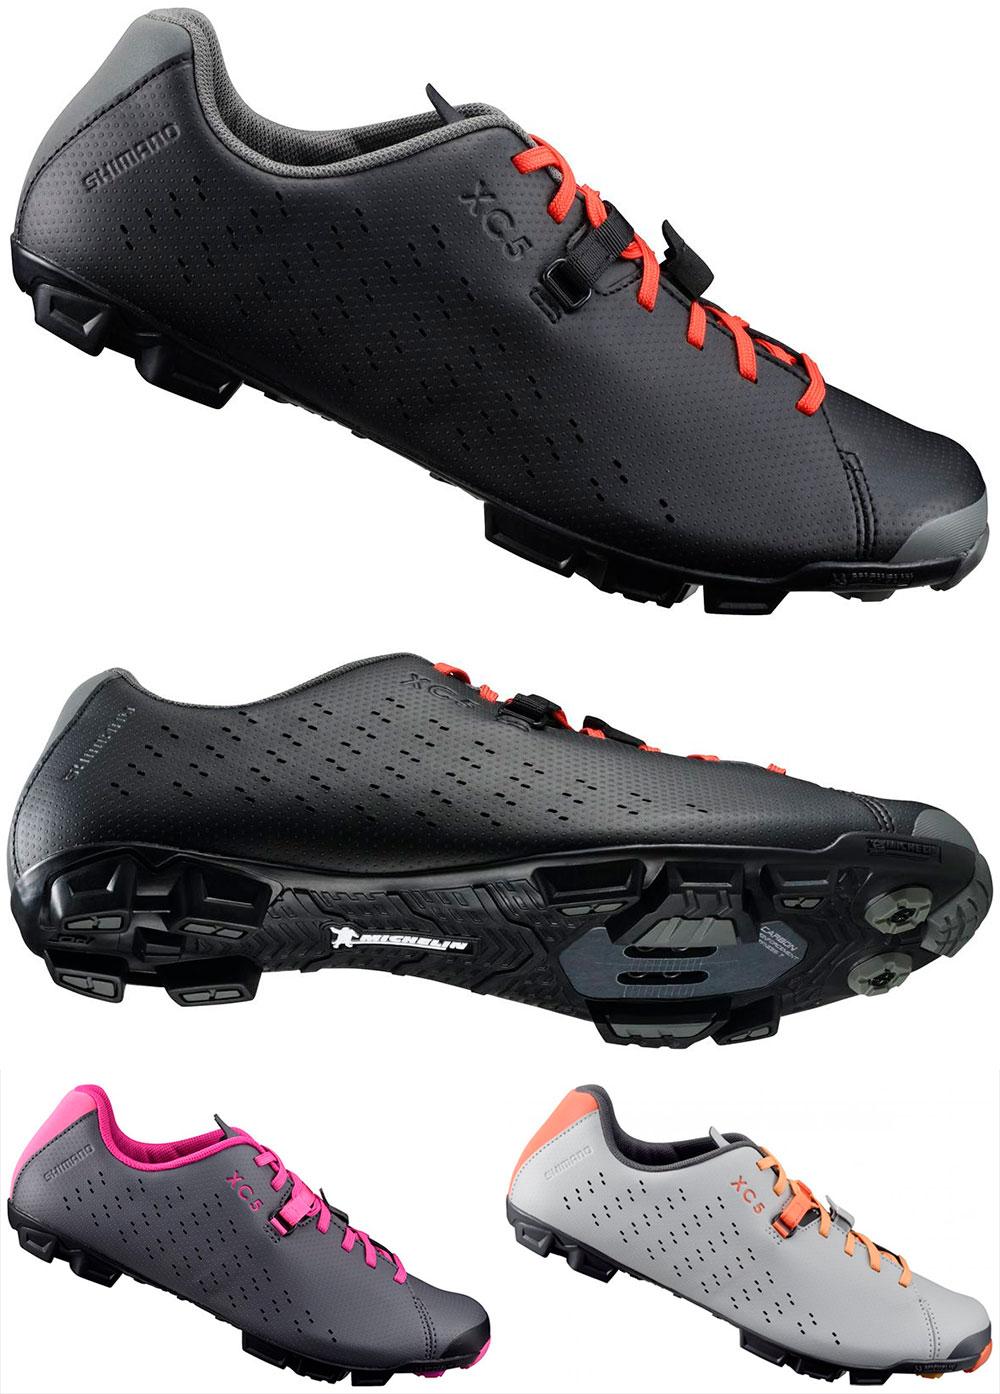 En TodoMountainBike: Cierre por cordones y suela Michelin para las zapatillas Shimano XC5